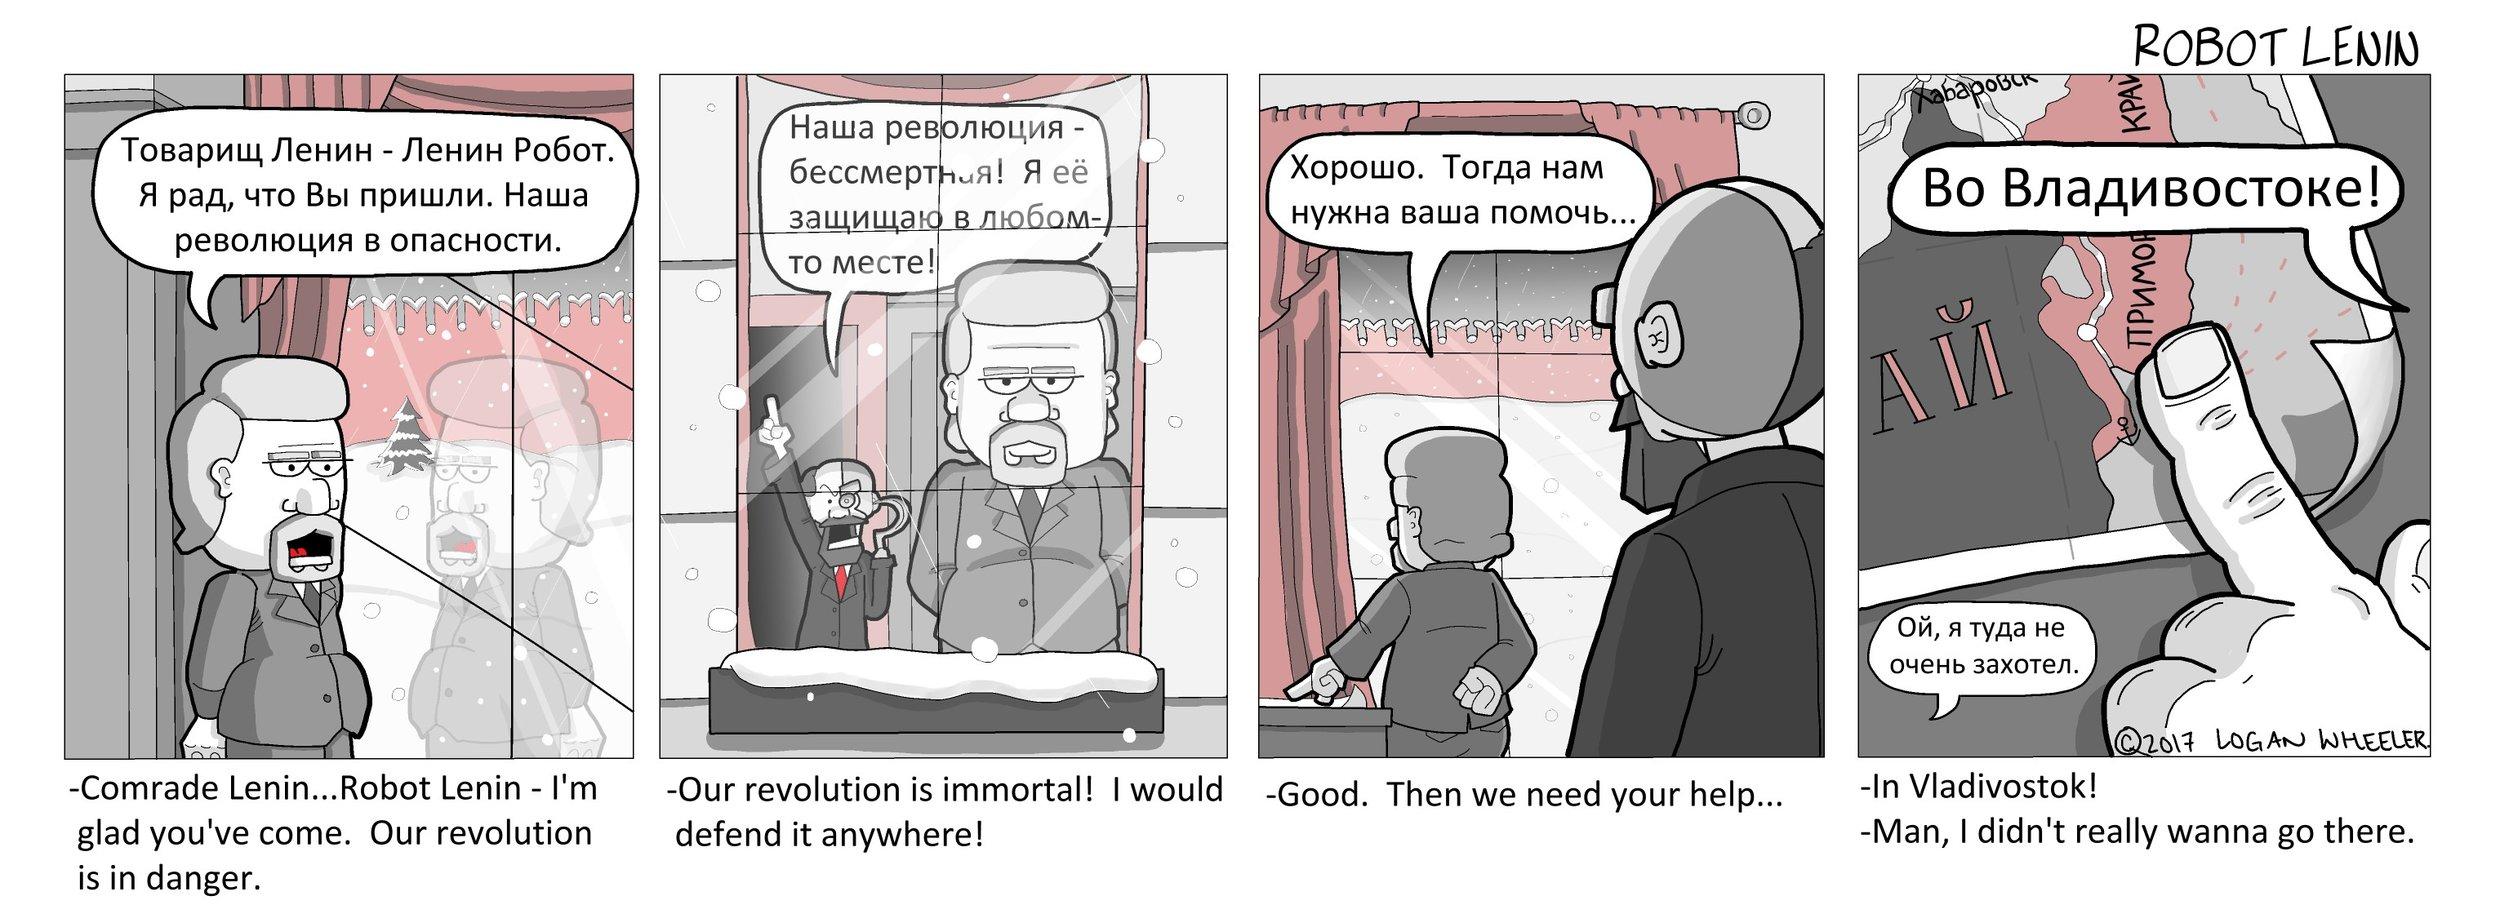 171211 Lenin14full.jpg